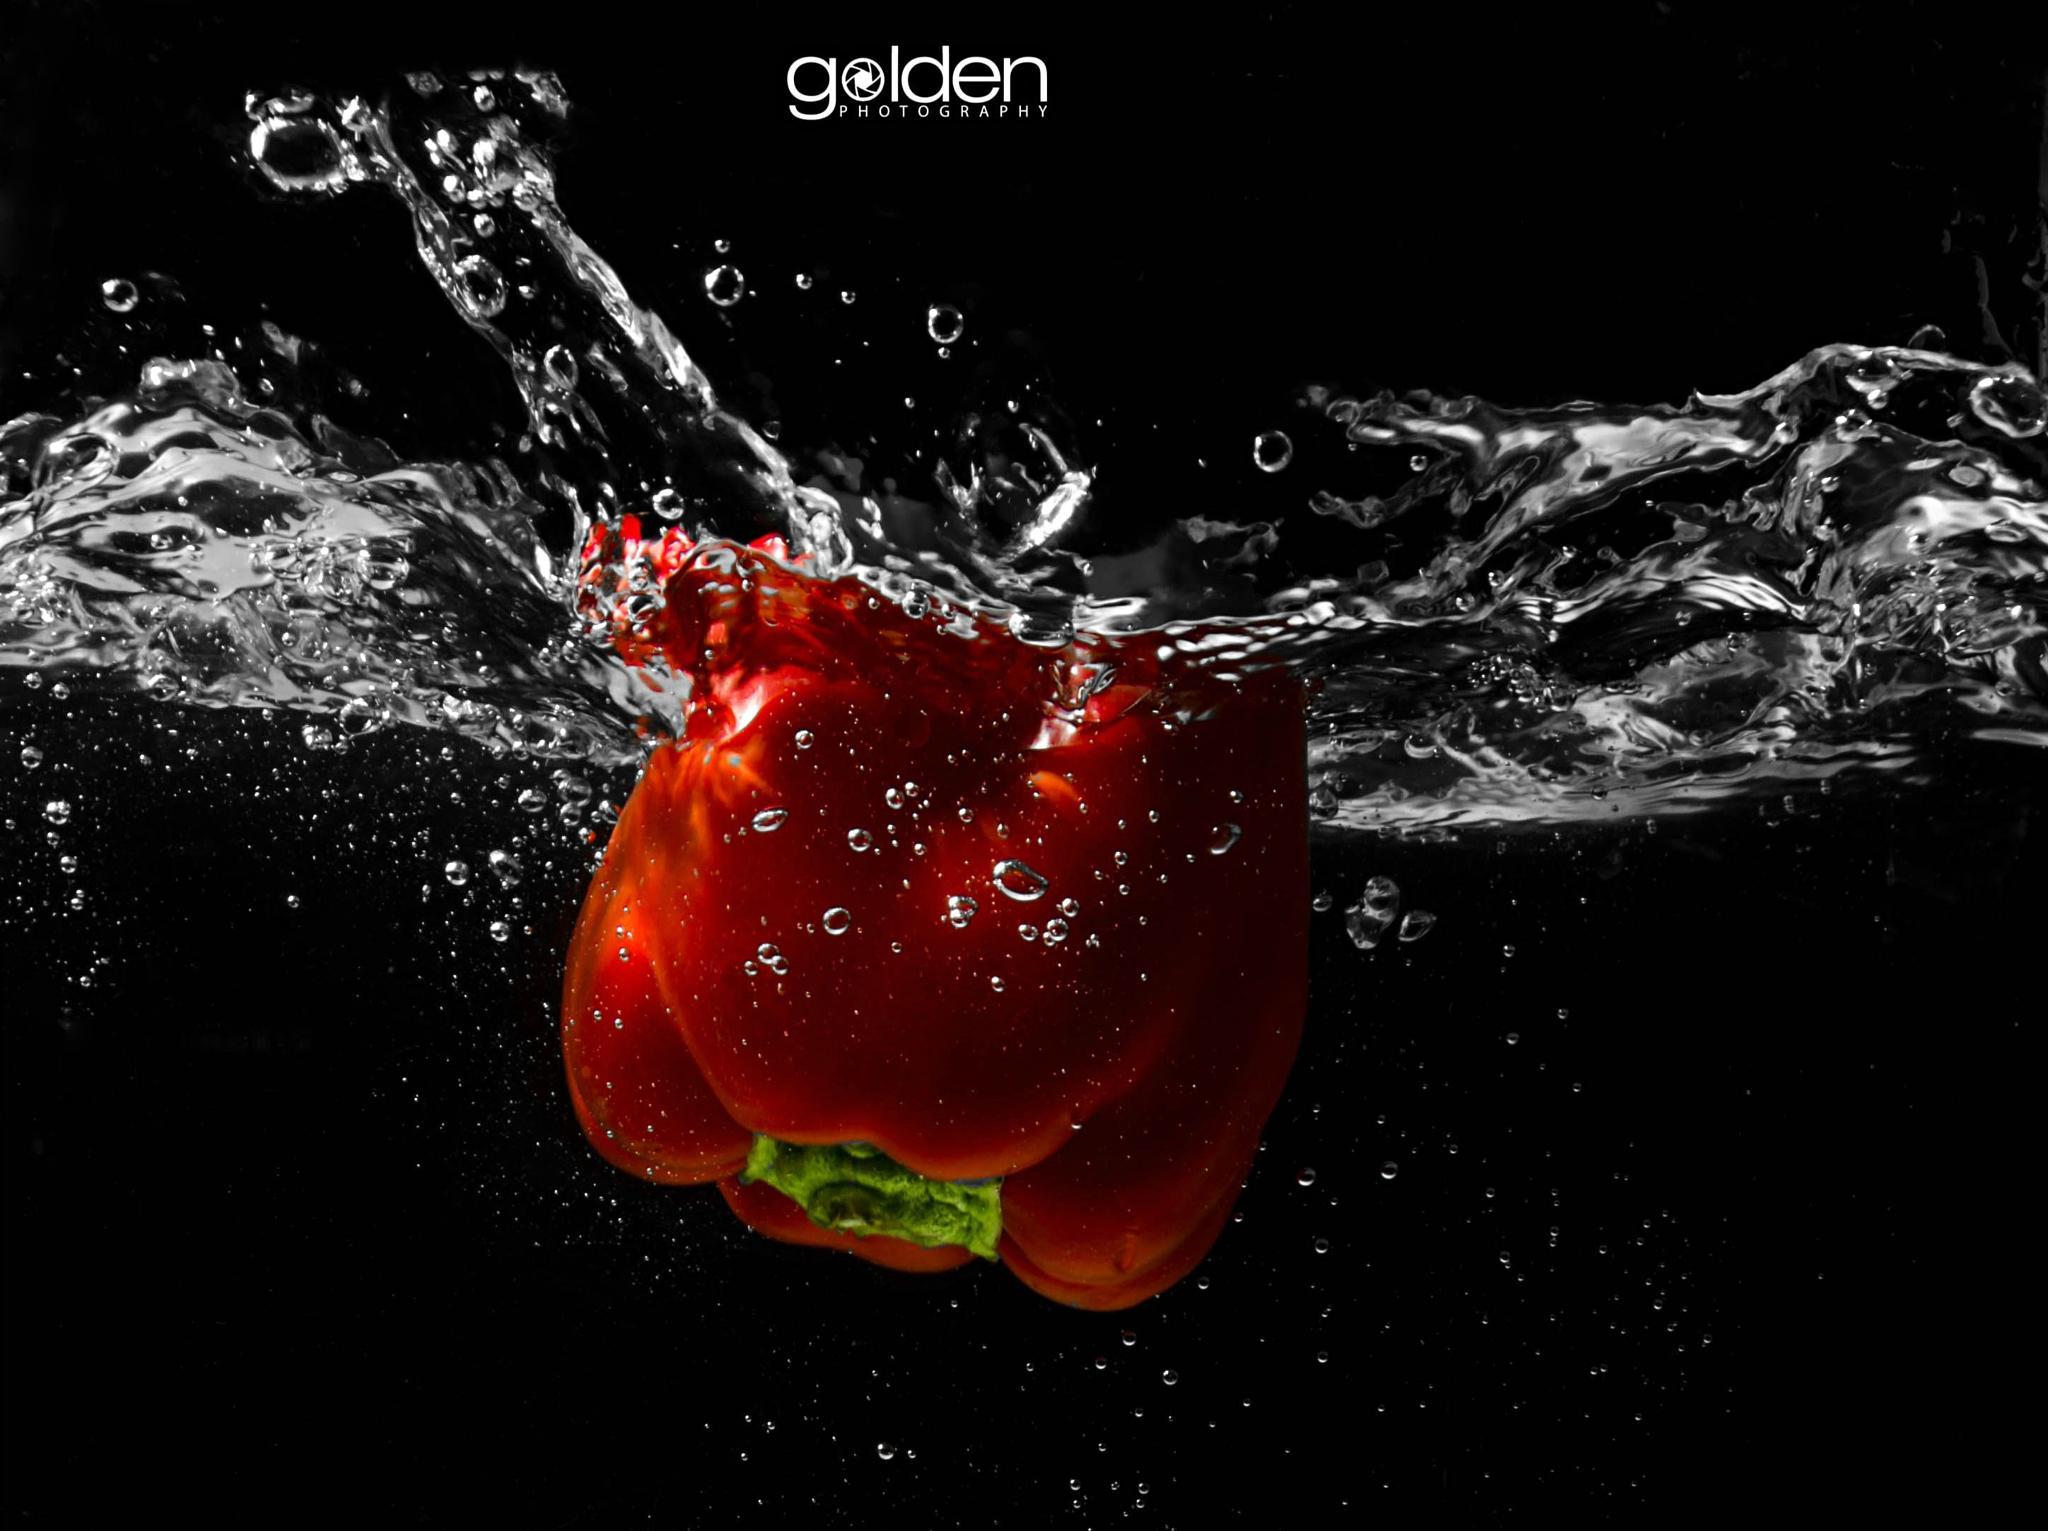 Diving Pepper by golden_samuray